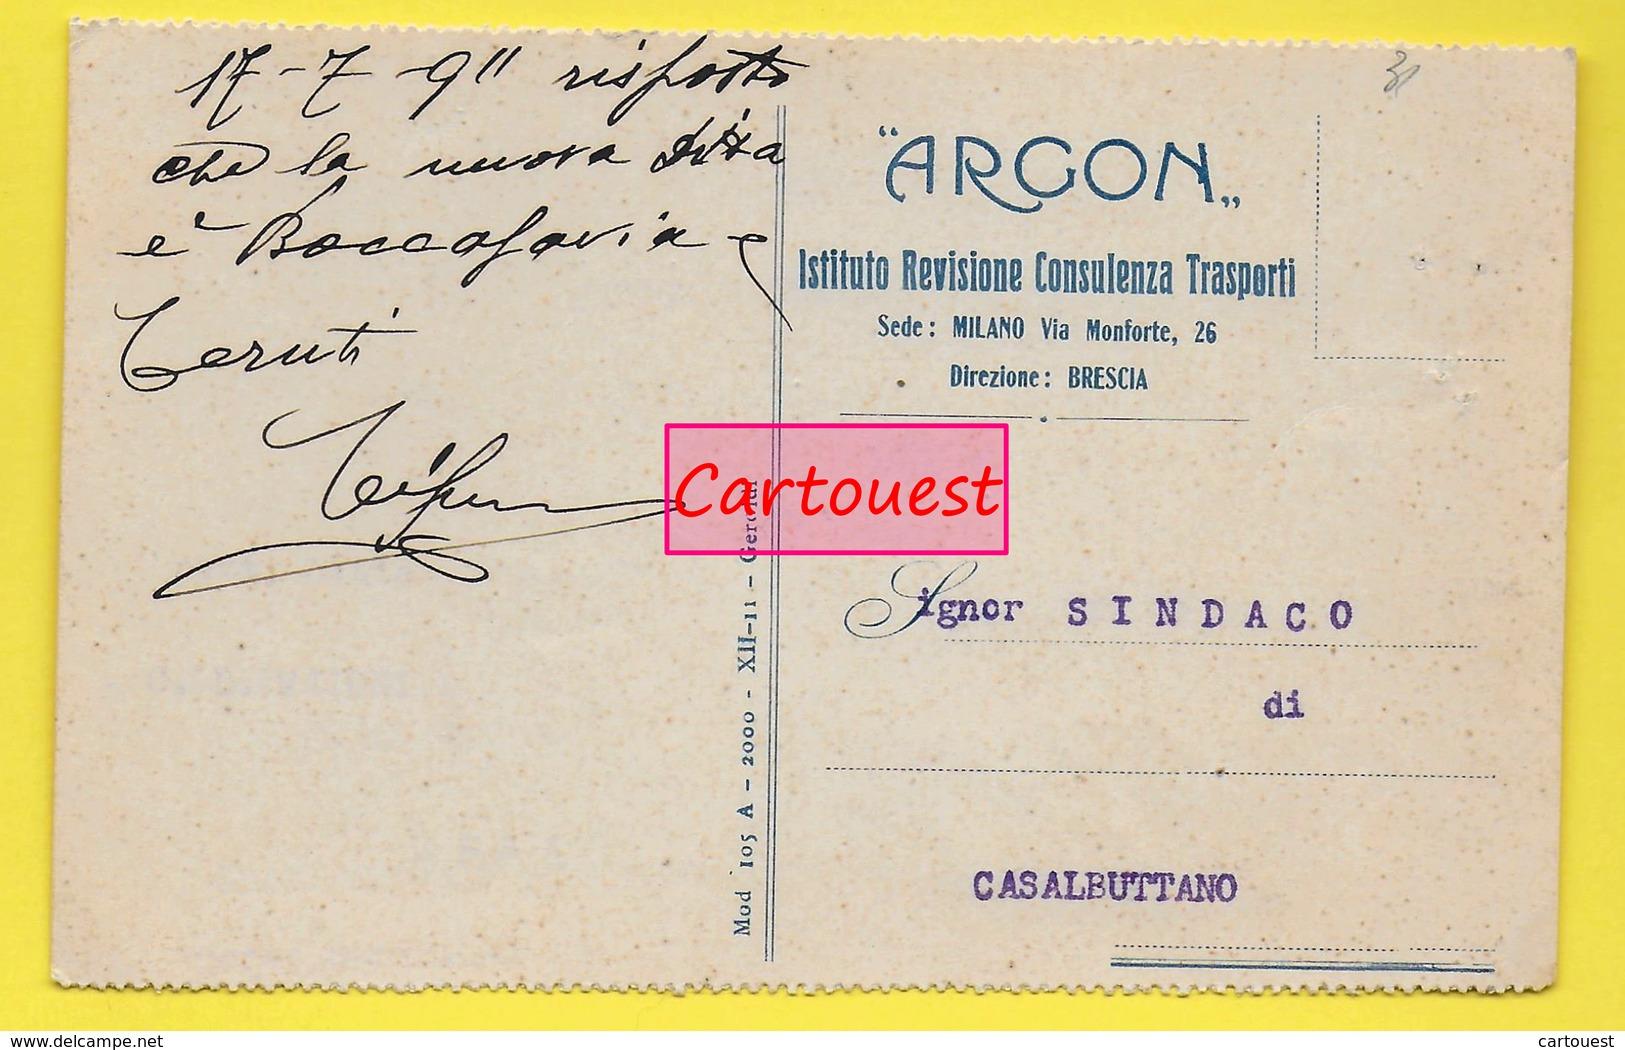 ֎ ARCON ֎ Istituto Revisione Consulenza Trasporti ֎ Brescia ֎ 1911  ֎ - Italie